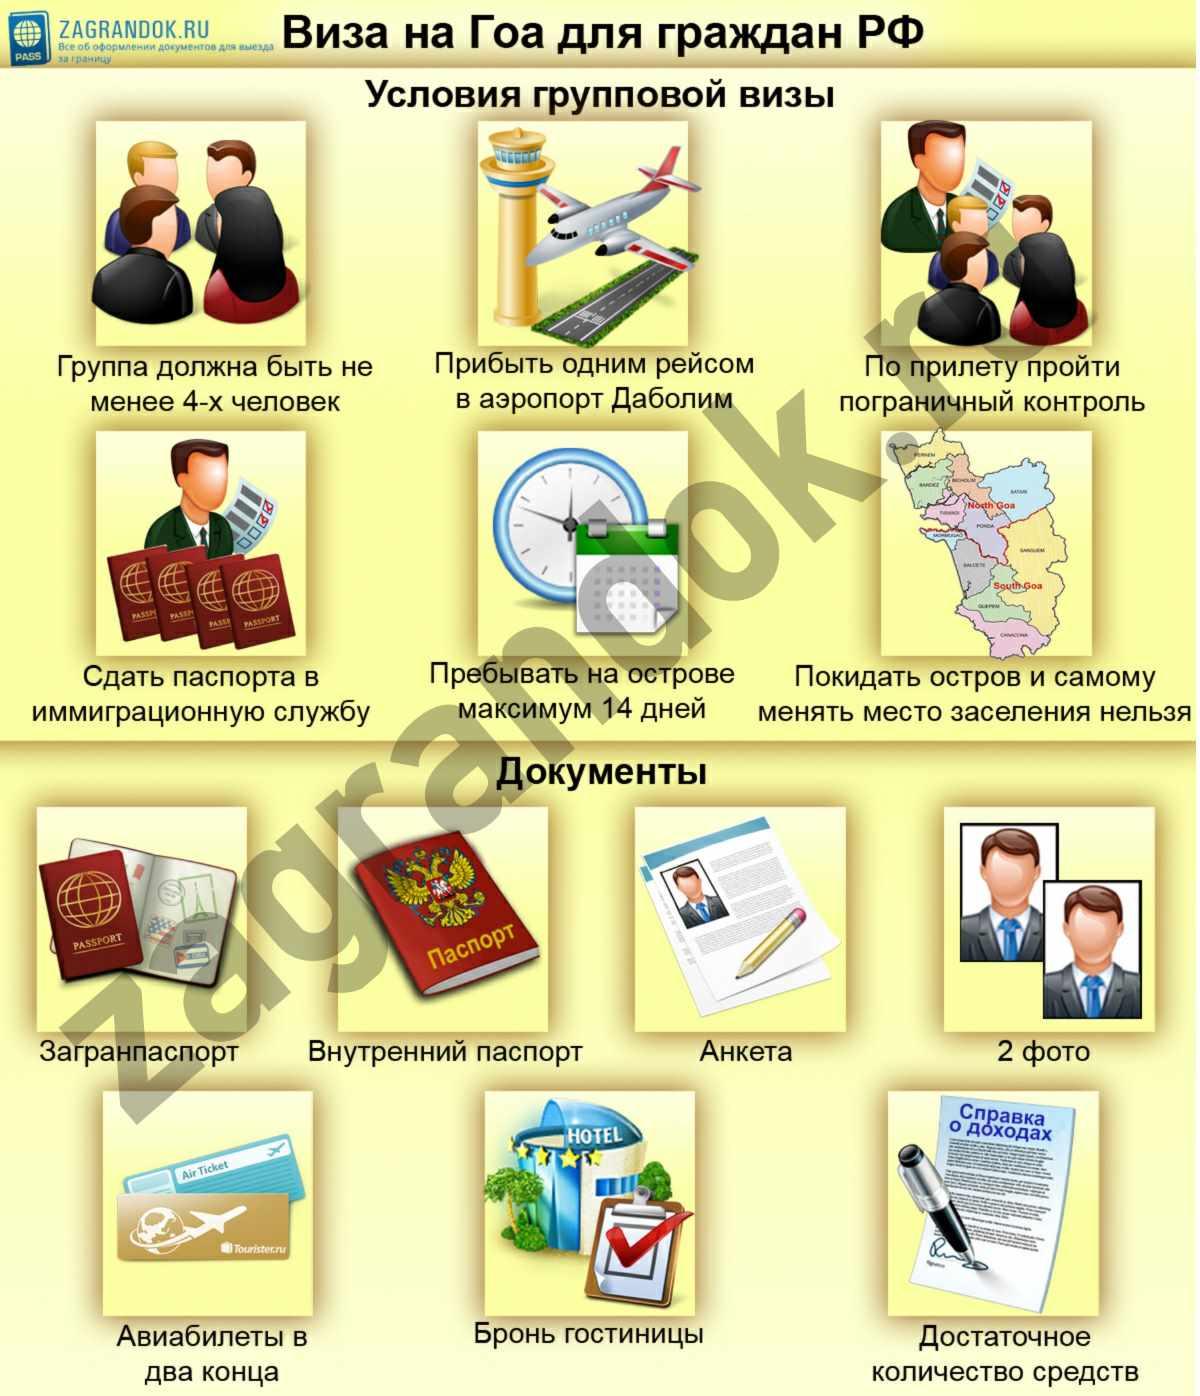 Гоа - виза для россиян по прилету в 2018 году